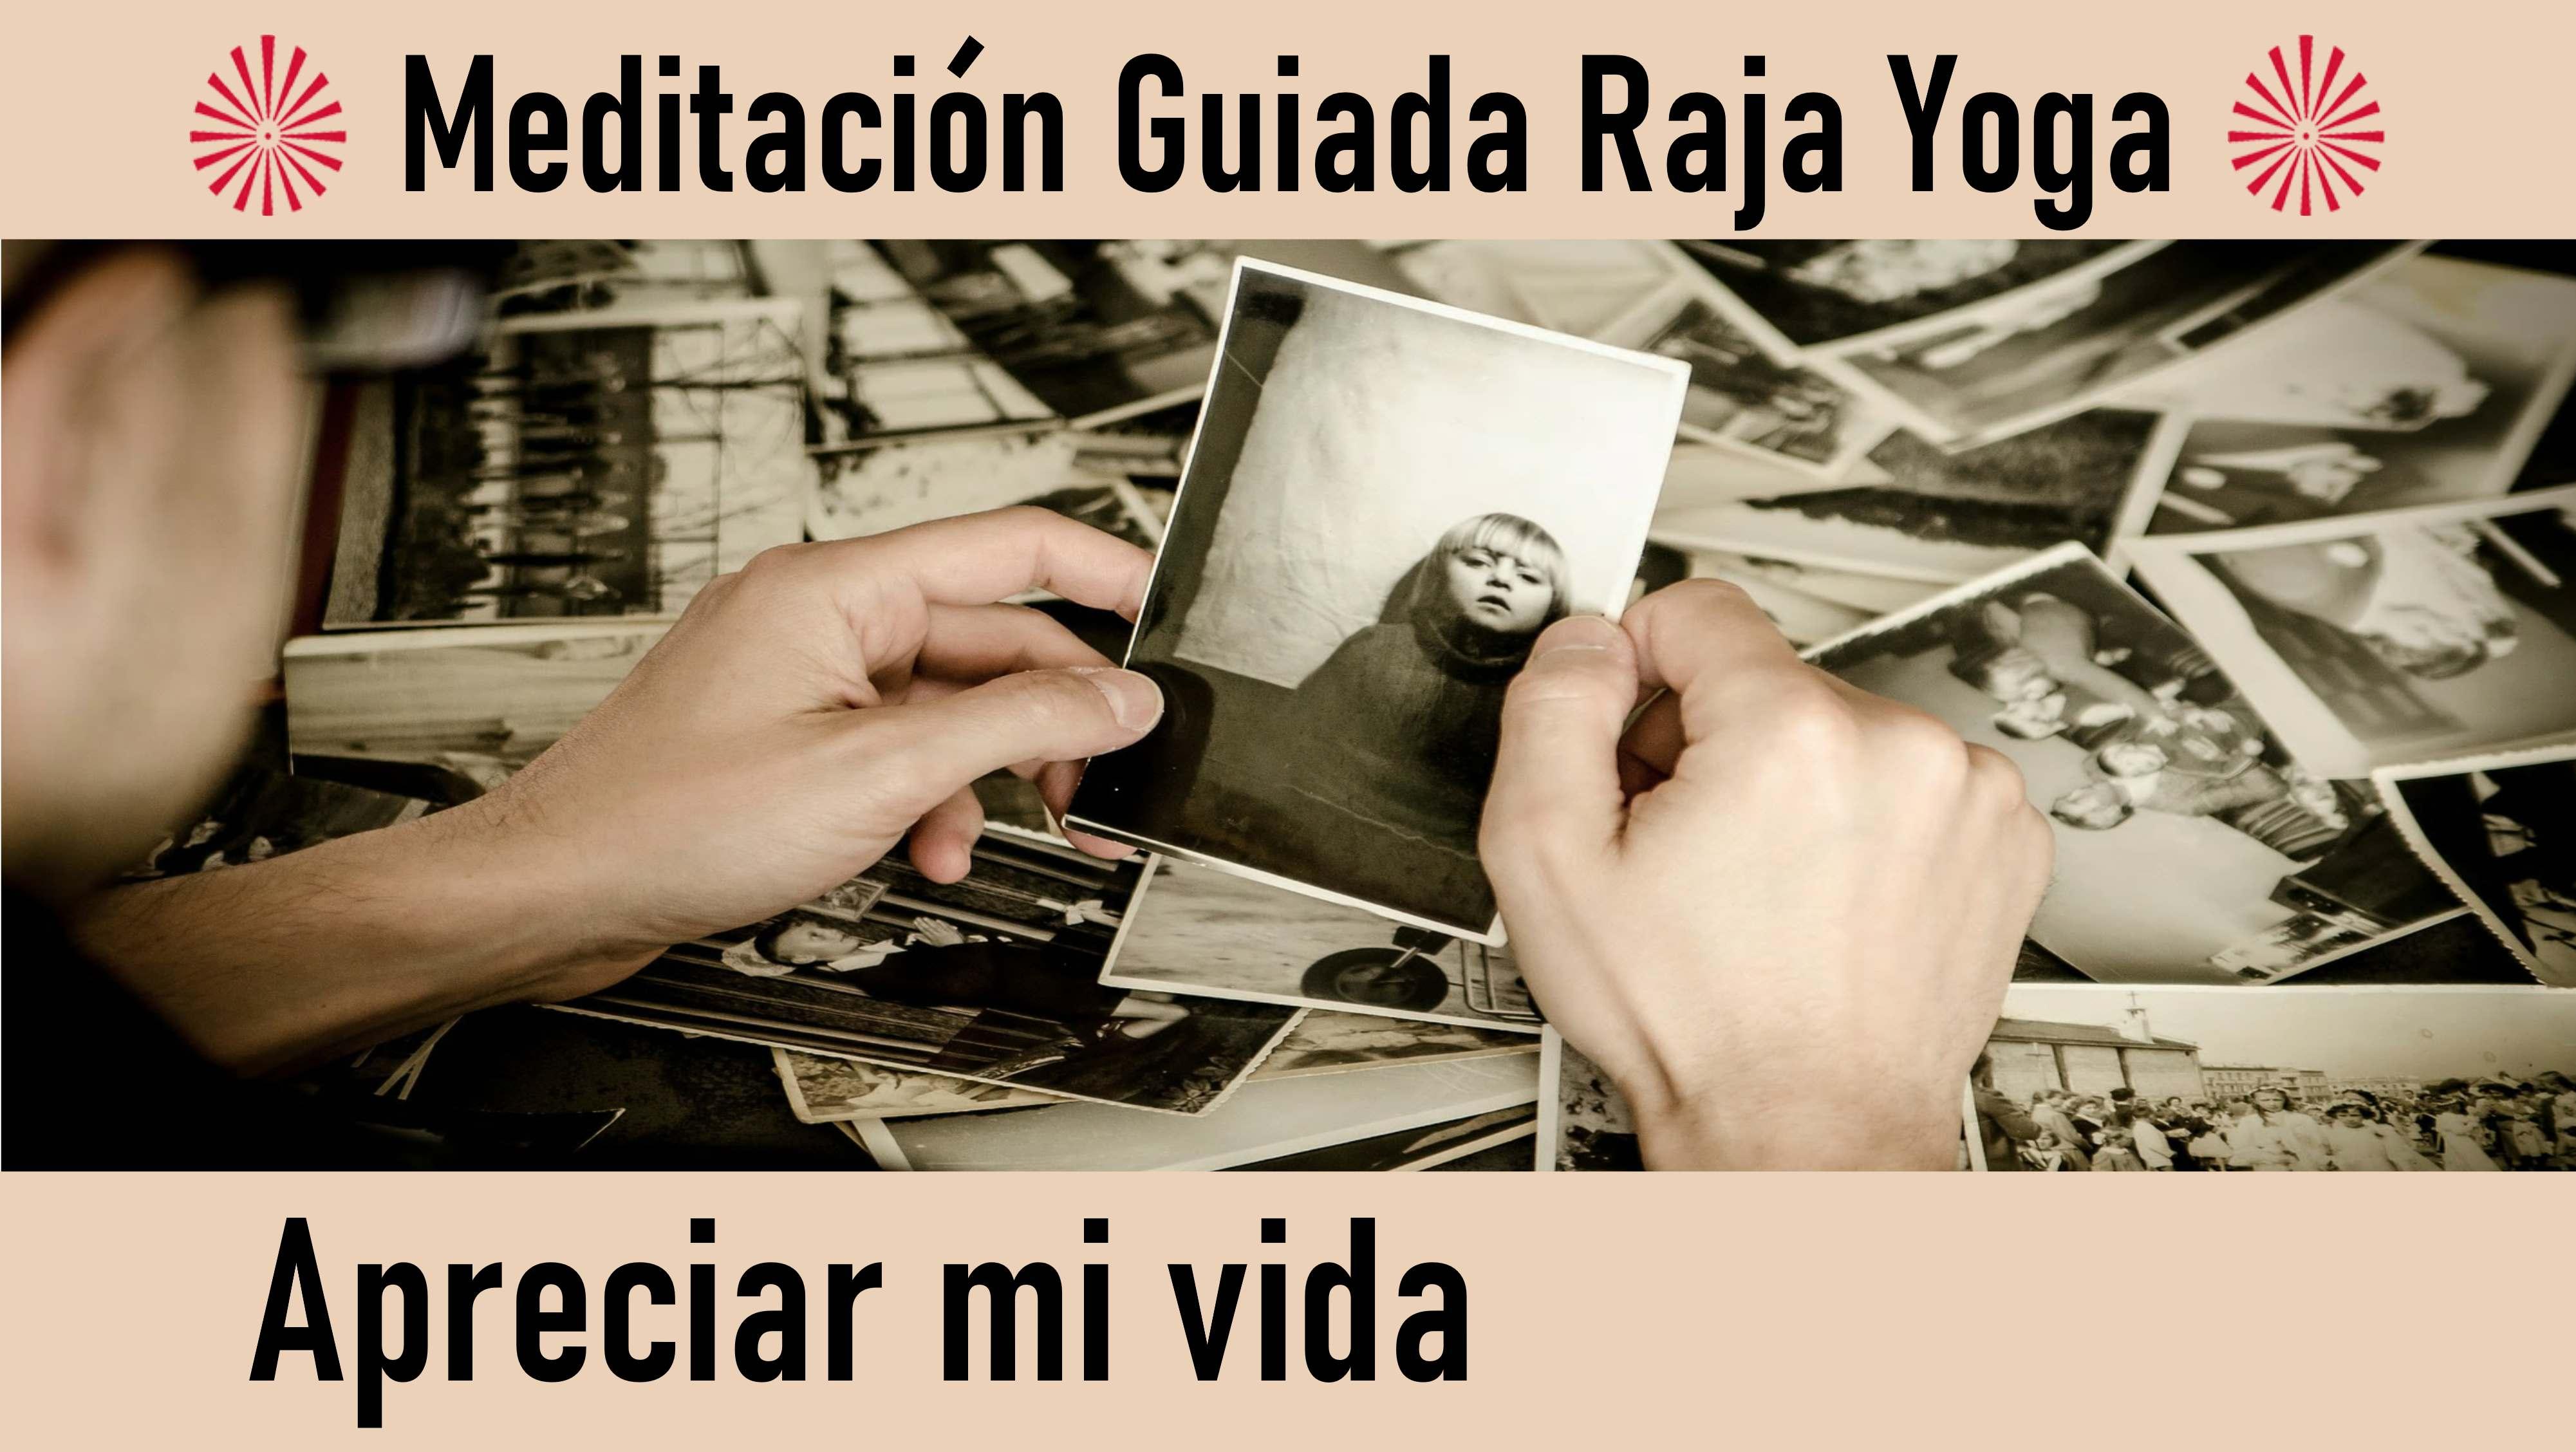 19 Agosto 2020 Meditación guiada: Apreciar mi vida